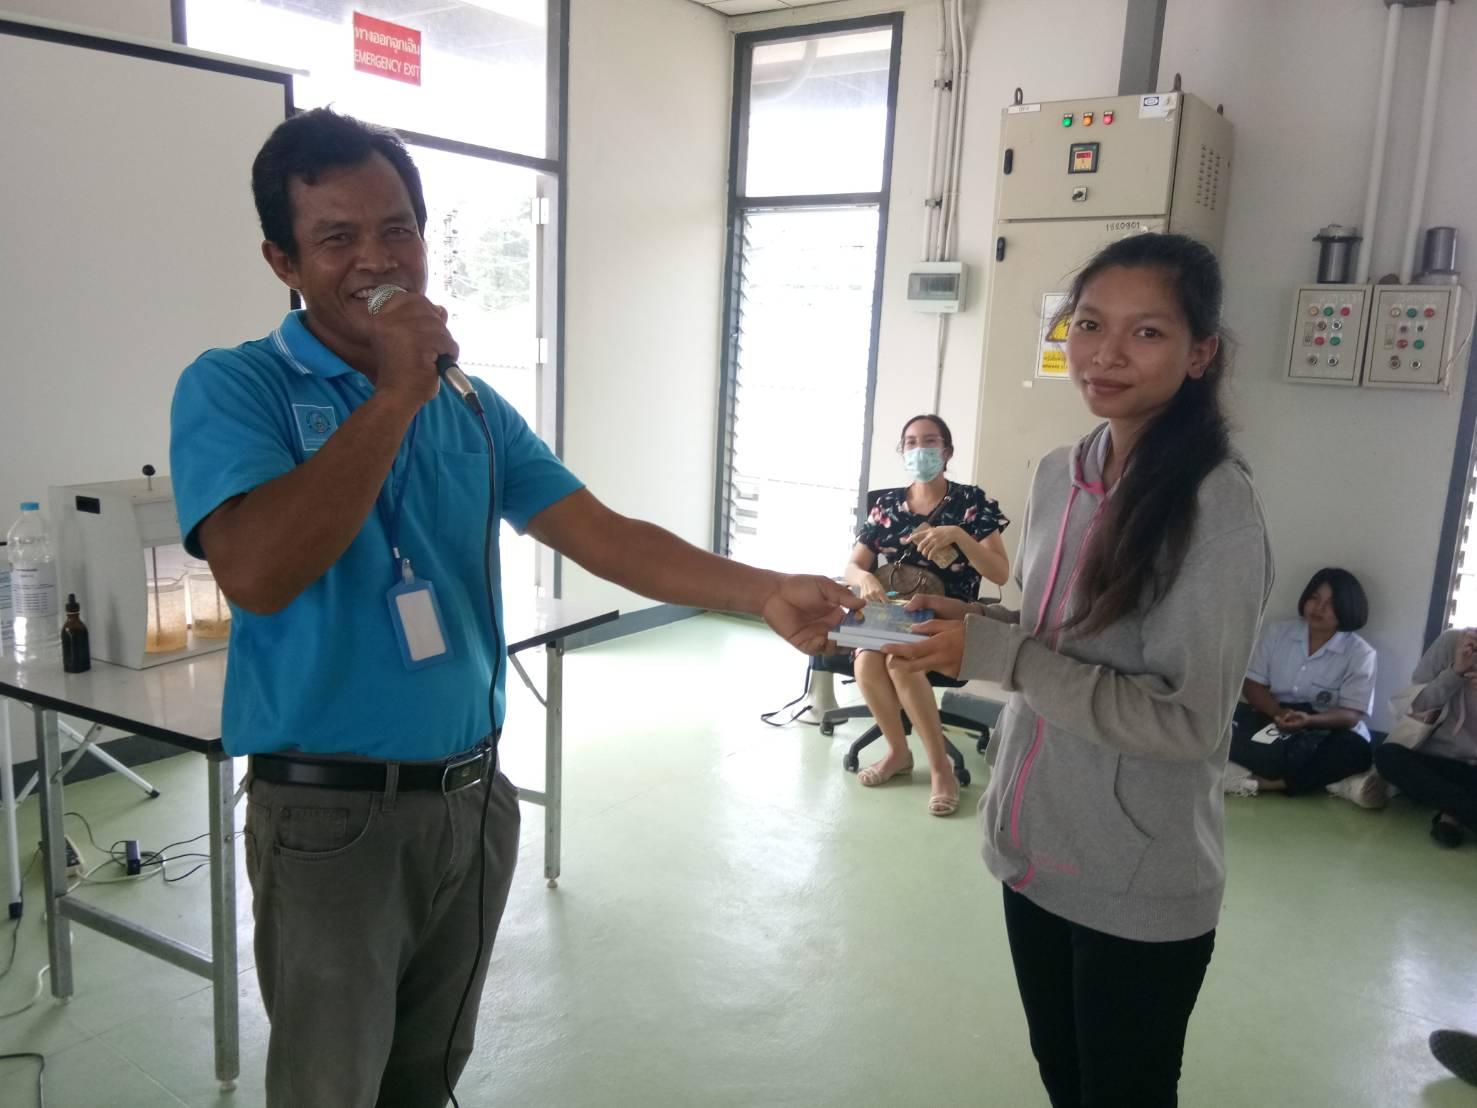 กปภ.สาขาบุรีรัมย์ต้อนรับพร้อมให้ความรู้คณะศึกษาดูงานระบบผลิตน้ำประปามหาวิทยาลัยราชภัฎบุรีรัมย์